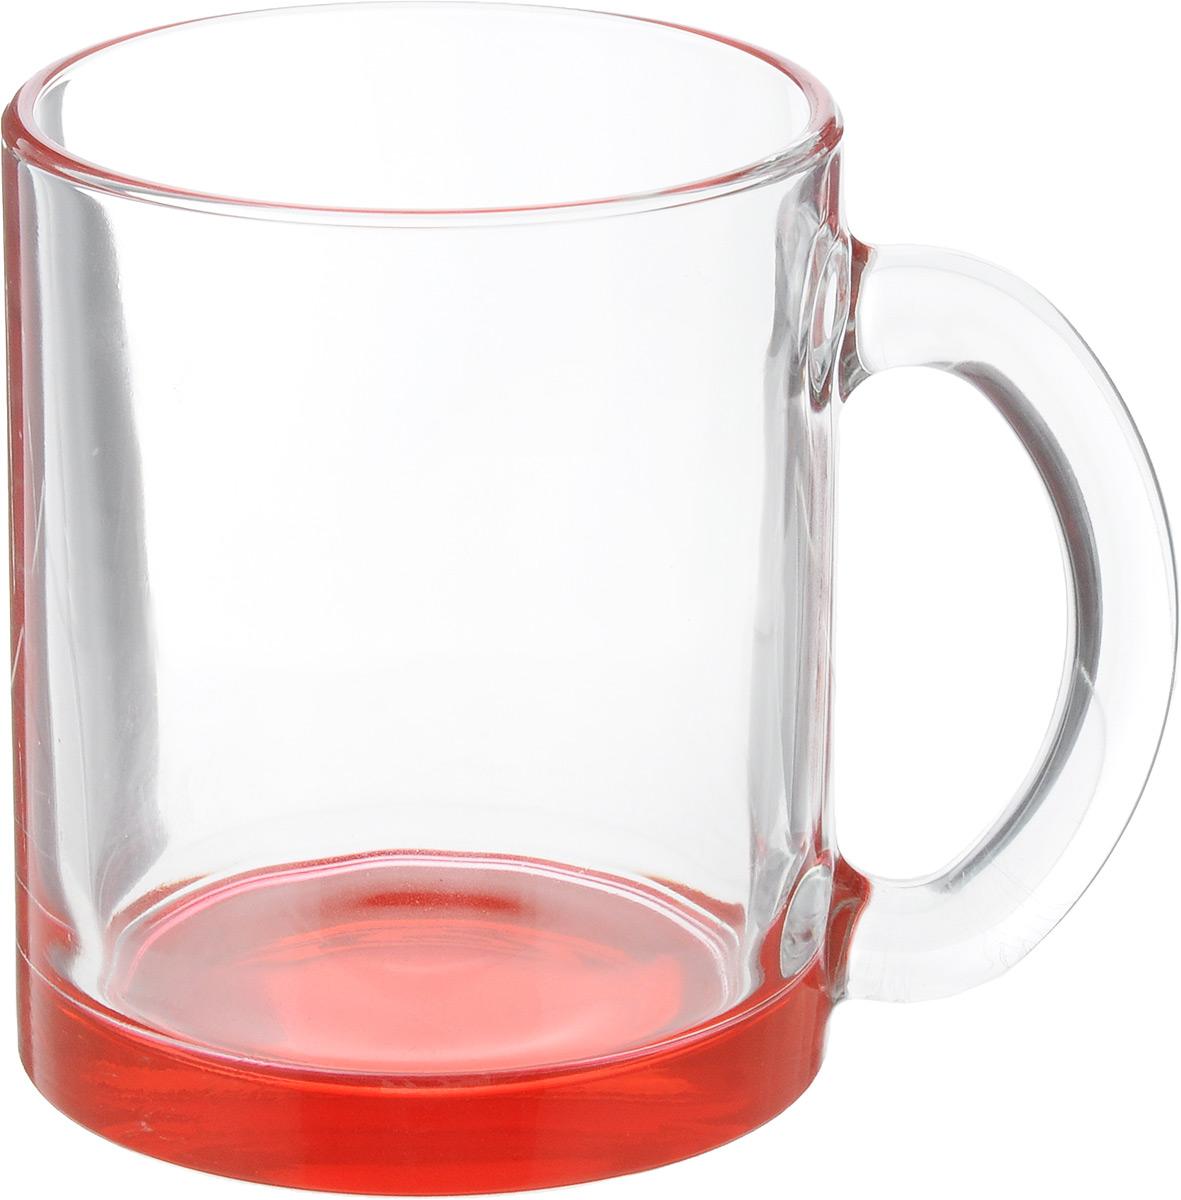 Кружка OSZ Чайная, цвет: прозрачный, красный, 320 мл68/5/3Кружка OSZ Чайная изготовлена из стекла двух цветов. Изделие идеально подходит для сервировки стола.Кружка не только украсит ваш кухонный стол, но и подчеркнет прекрасный вкус хозяйки. Диаметр кружки (по верхнему краю): 8 см. Высота кружки: 9,5 см. Объем кружки: 320 мл.